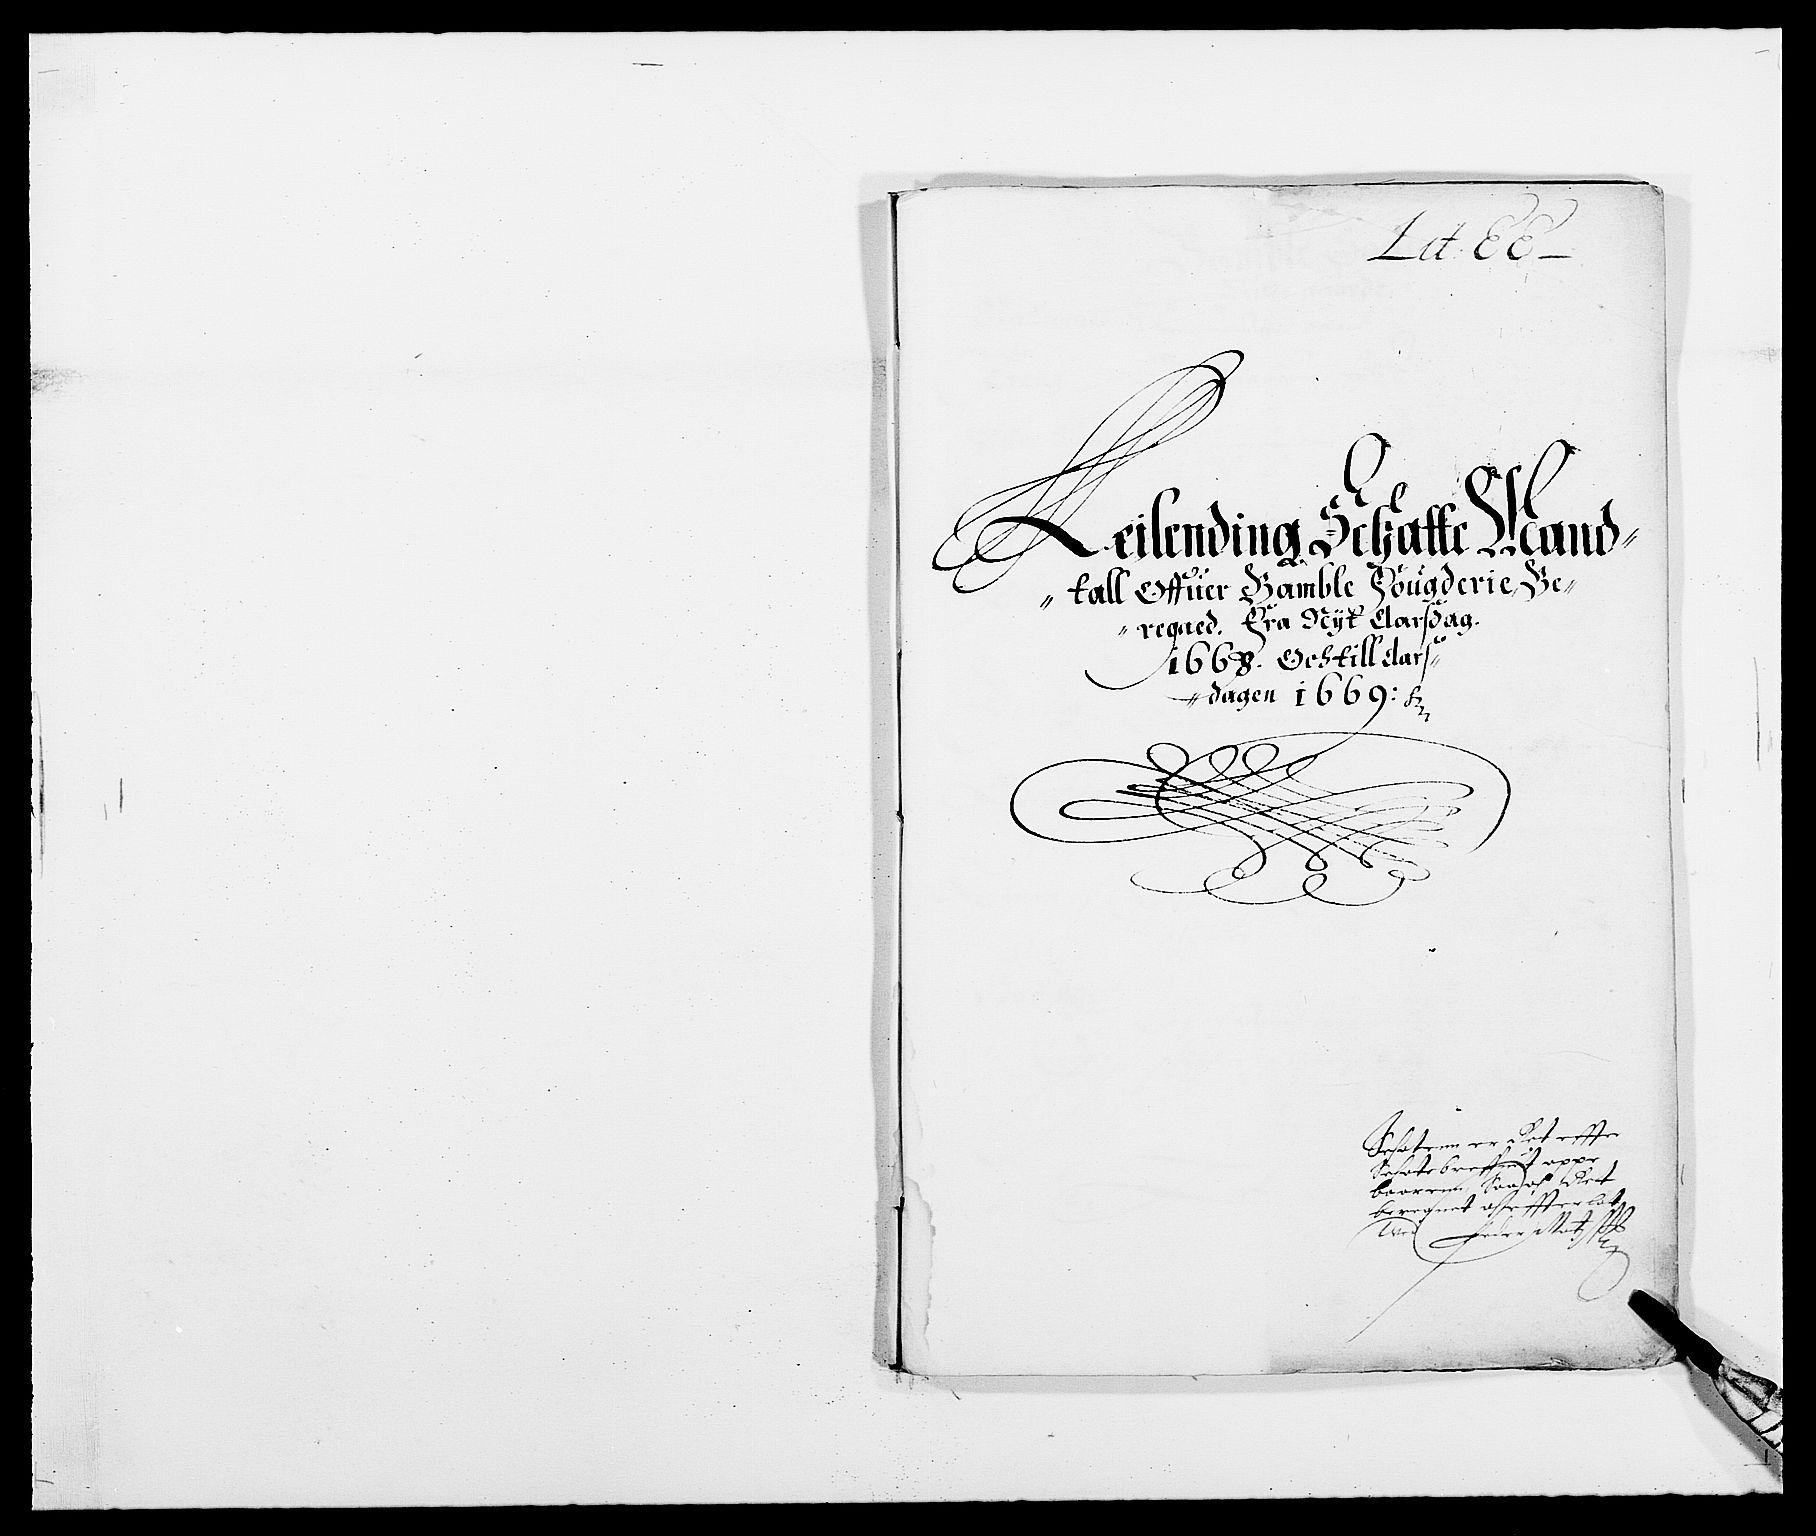 RA, Rentekammeret inntil 1814, Reviderte regnskaper, Fogderegnskap, R34/L2040: Fogderegnskap Bamble, 1662-1669, s. 1